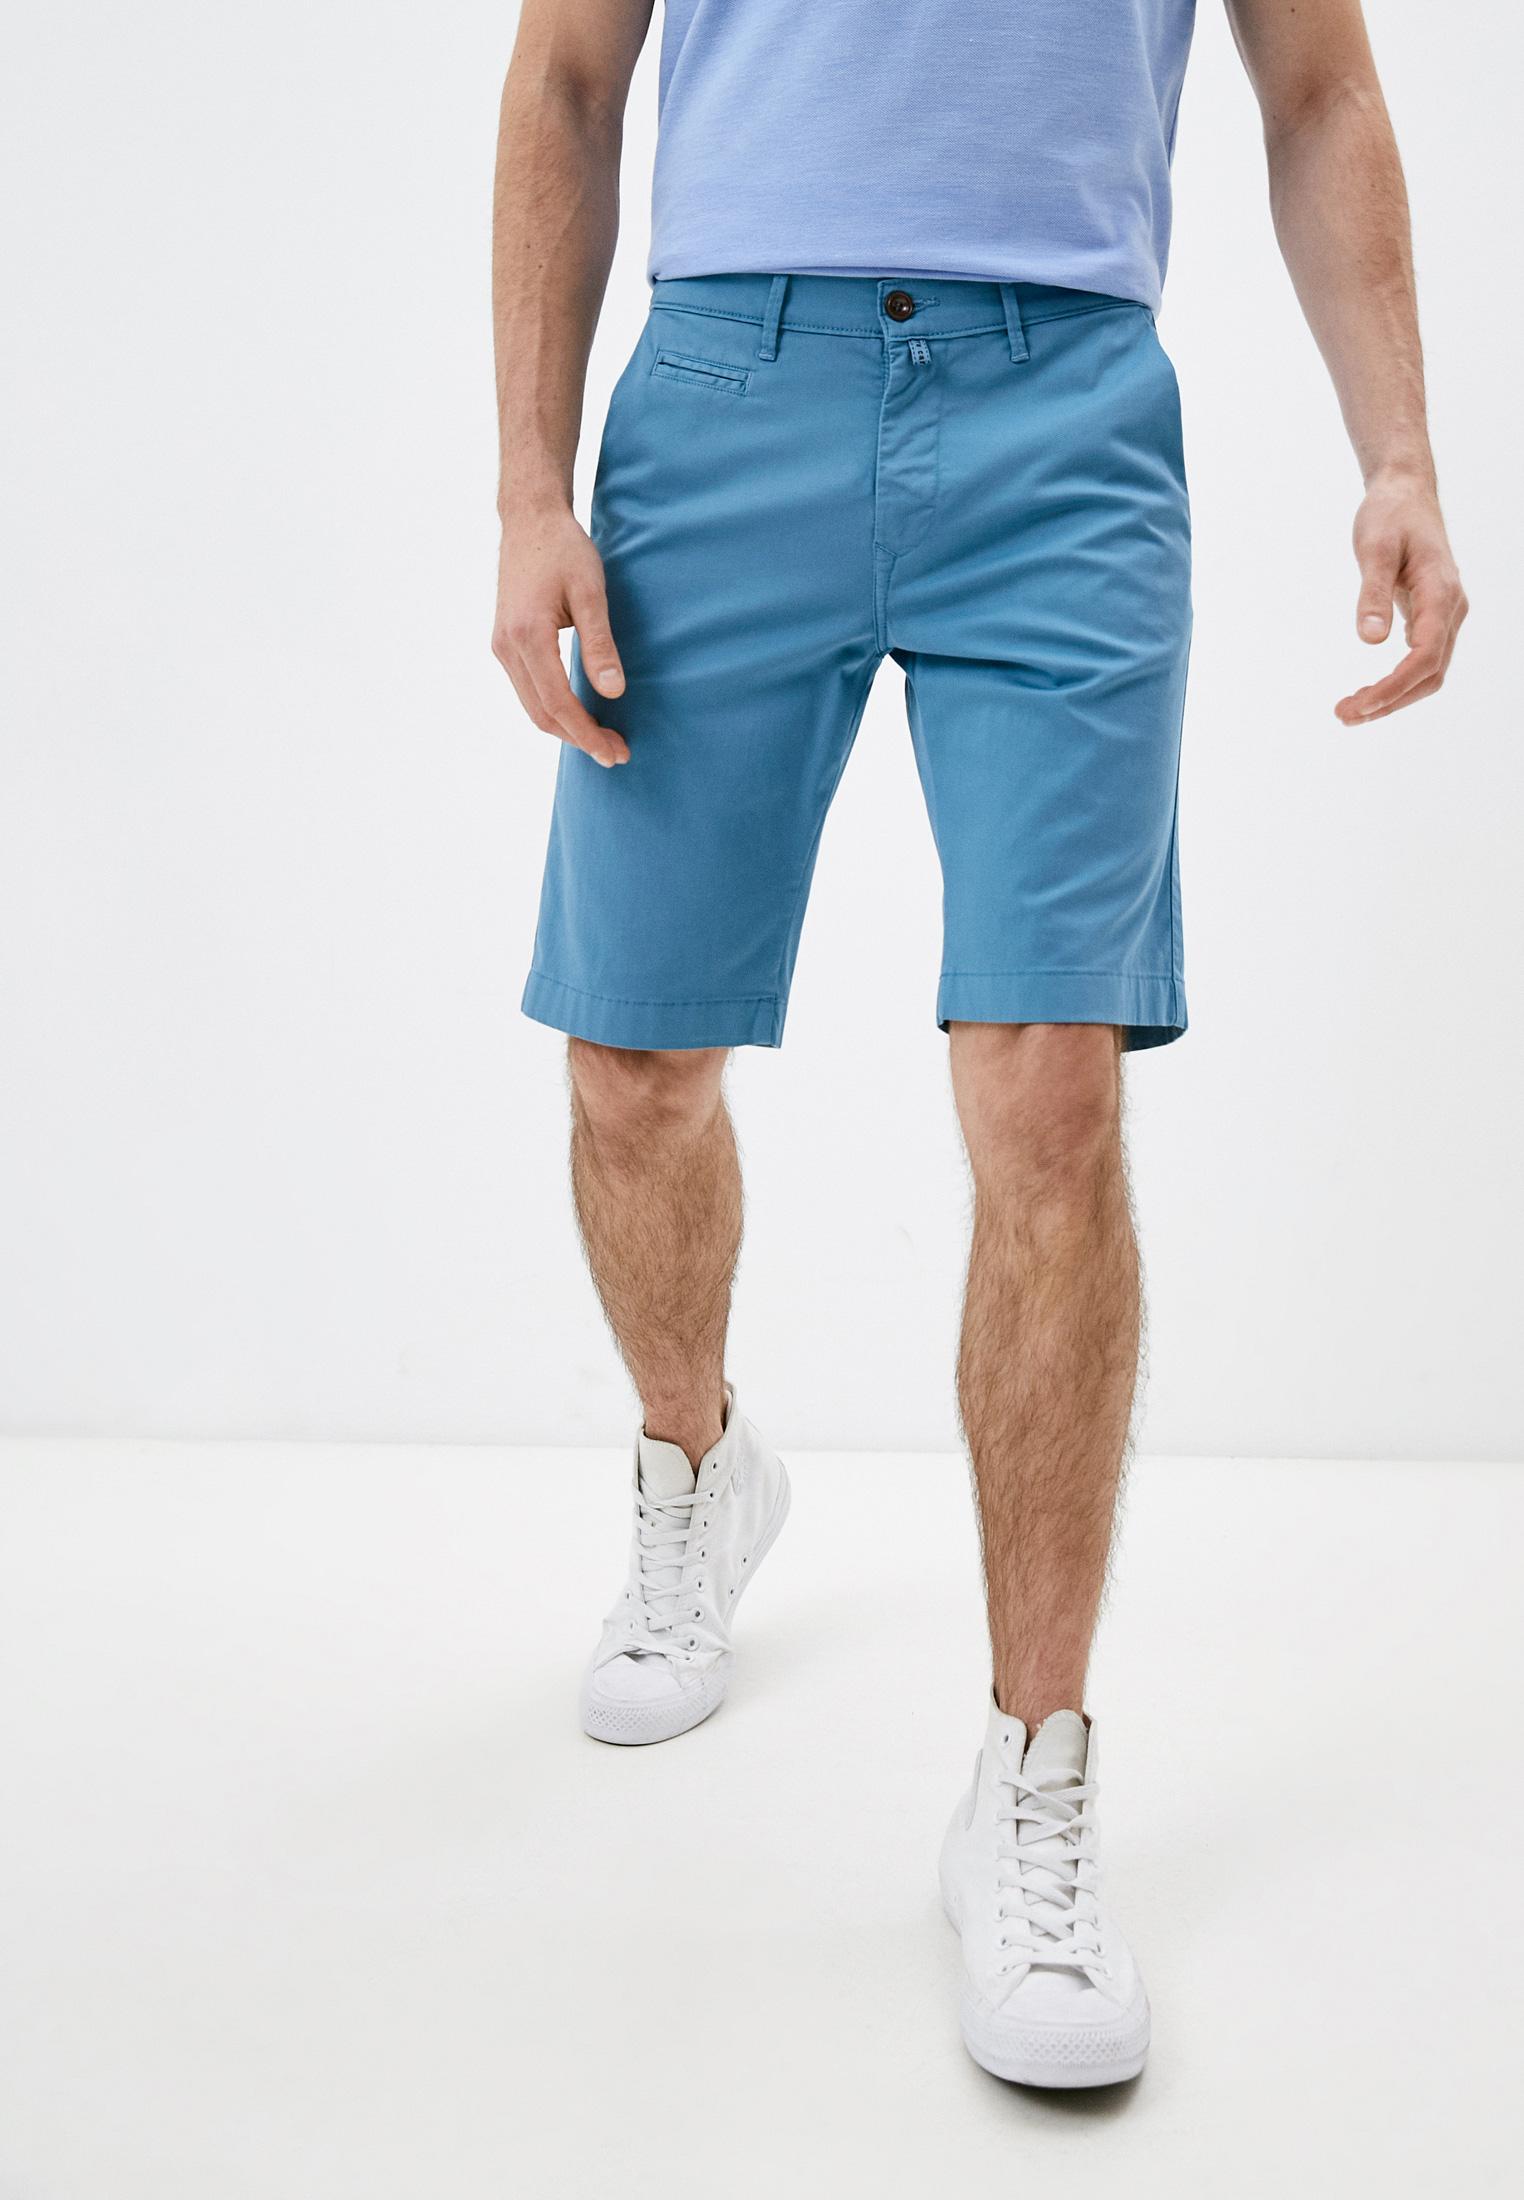 Мужские повседневные шорты Pierre Cardin (Пьер Кардин) 03465/000/02080/66: изображение 1